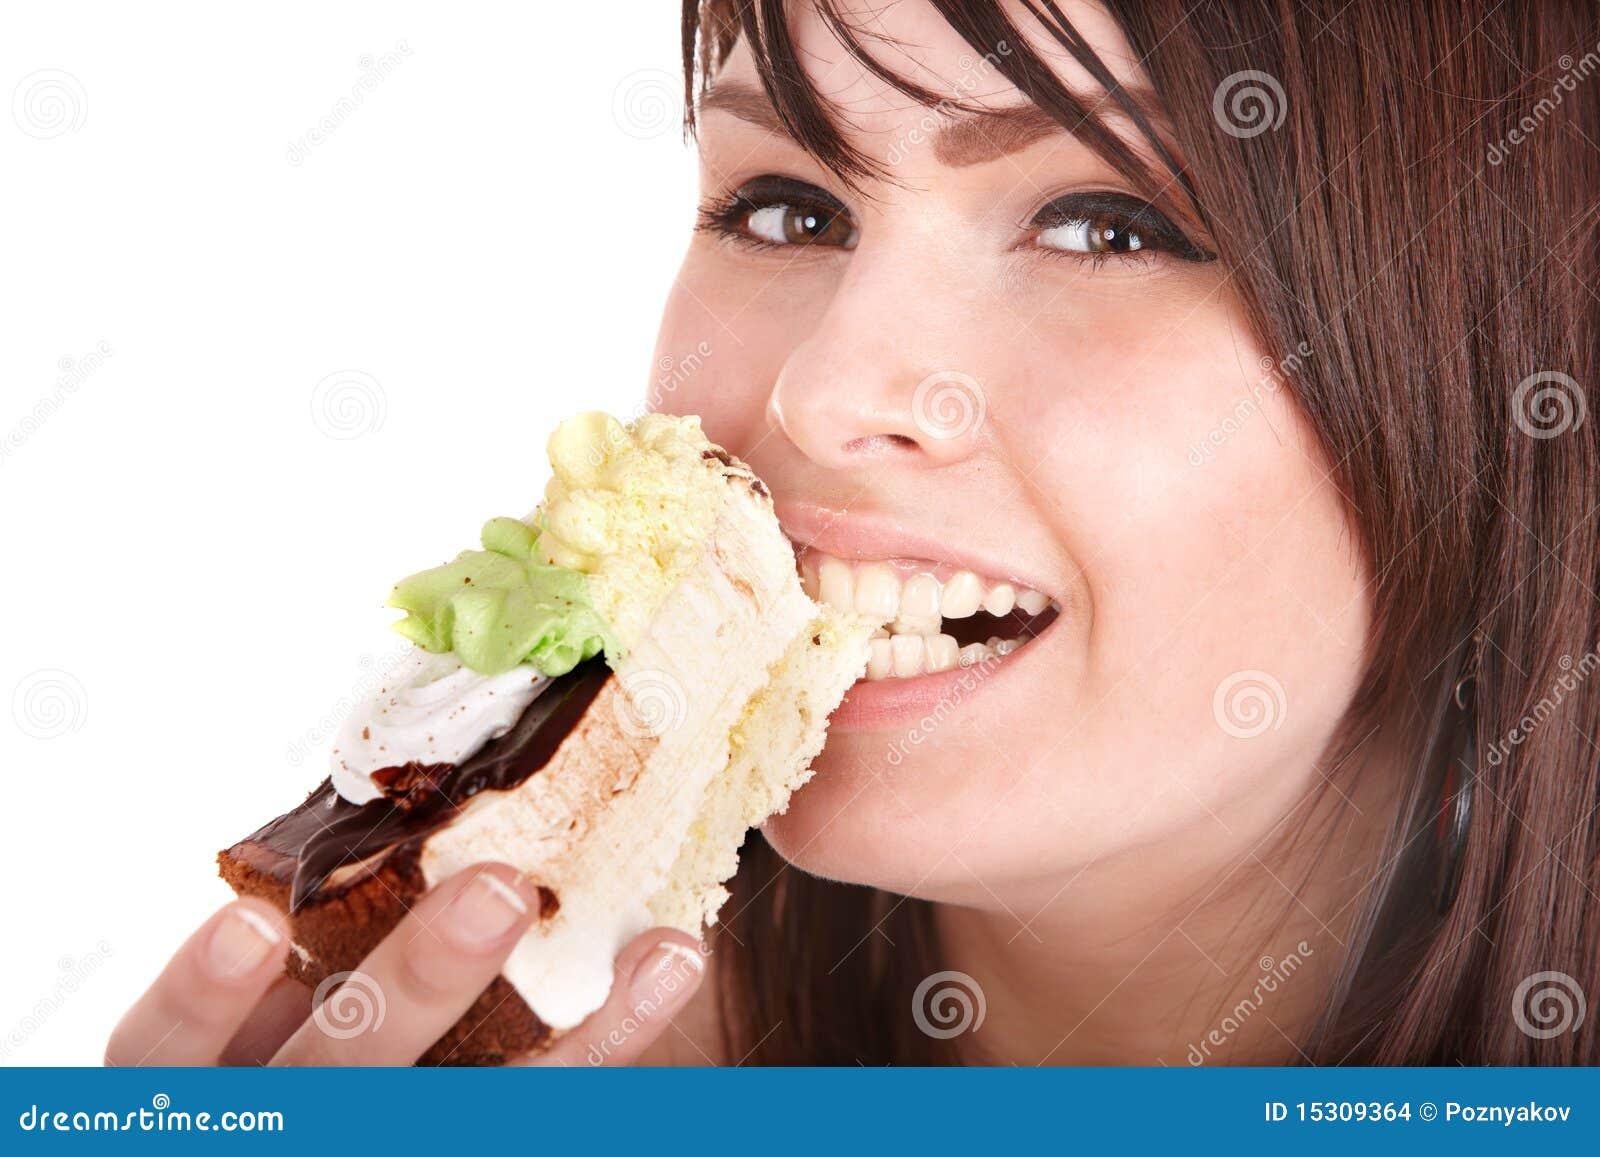 Face of girl eating cake.